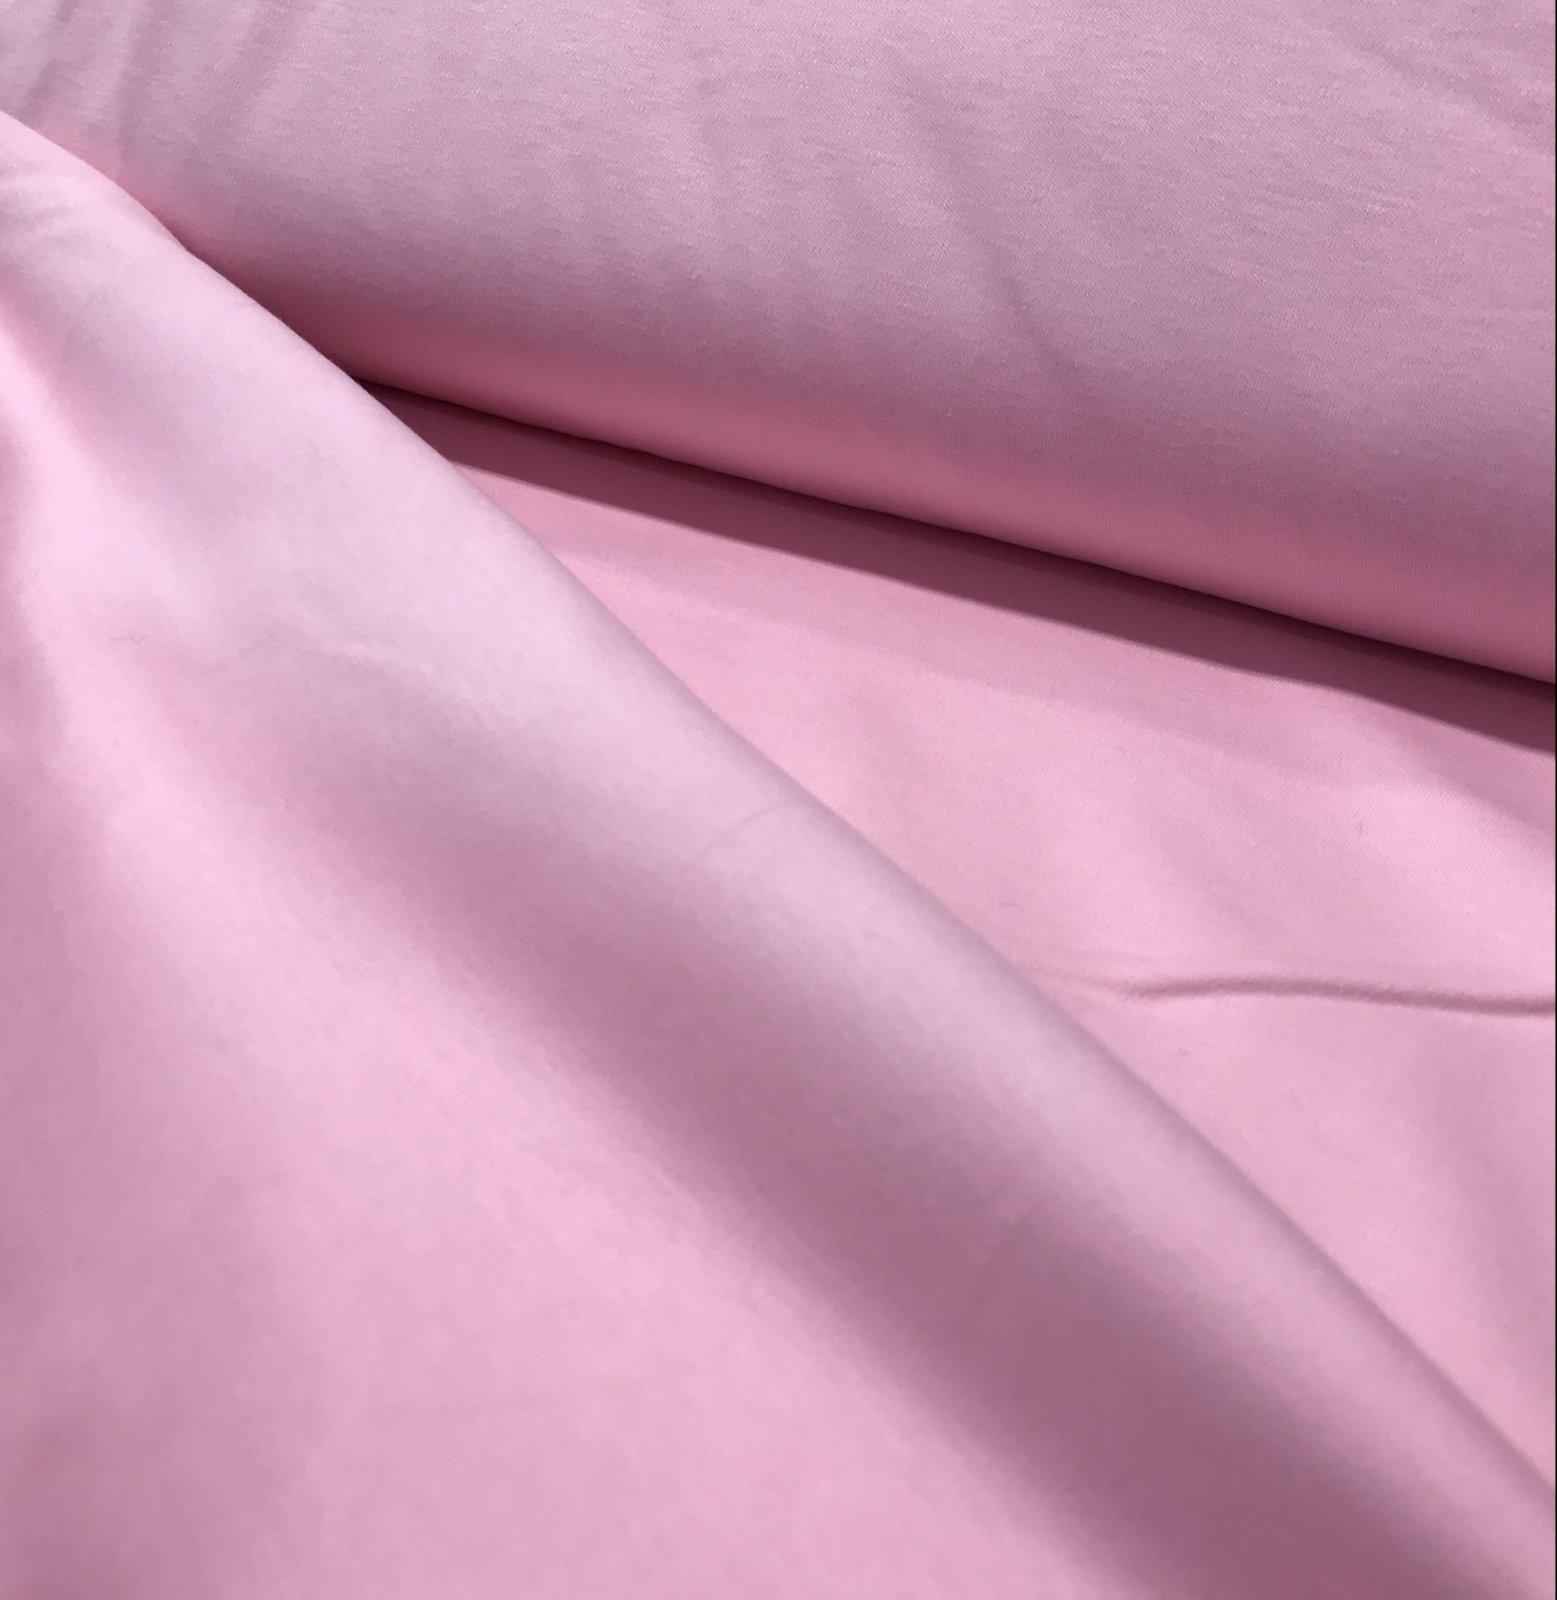 Cotton Interlock - Pink